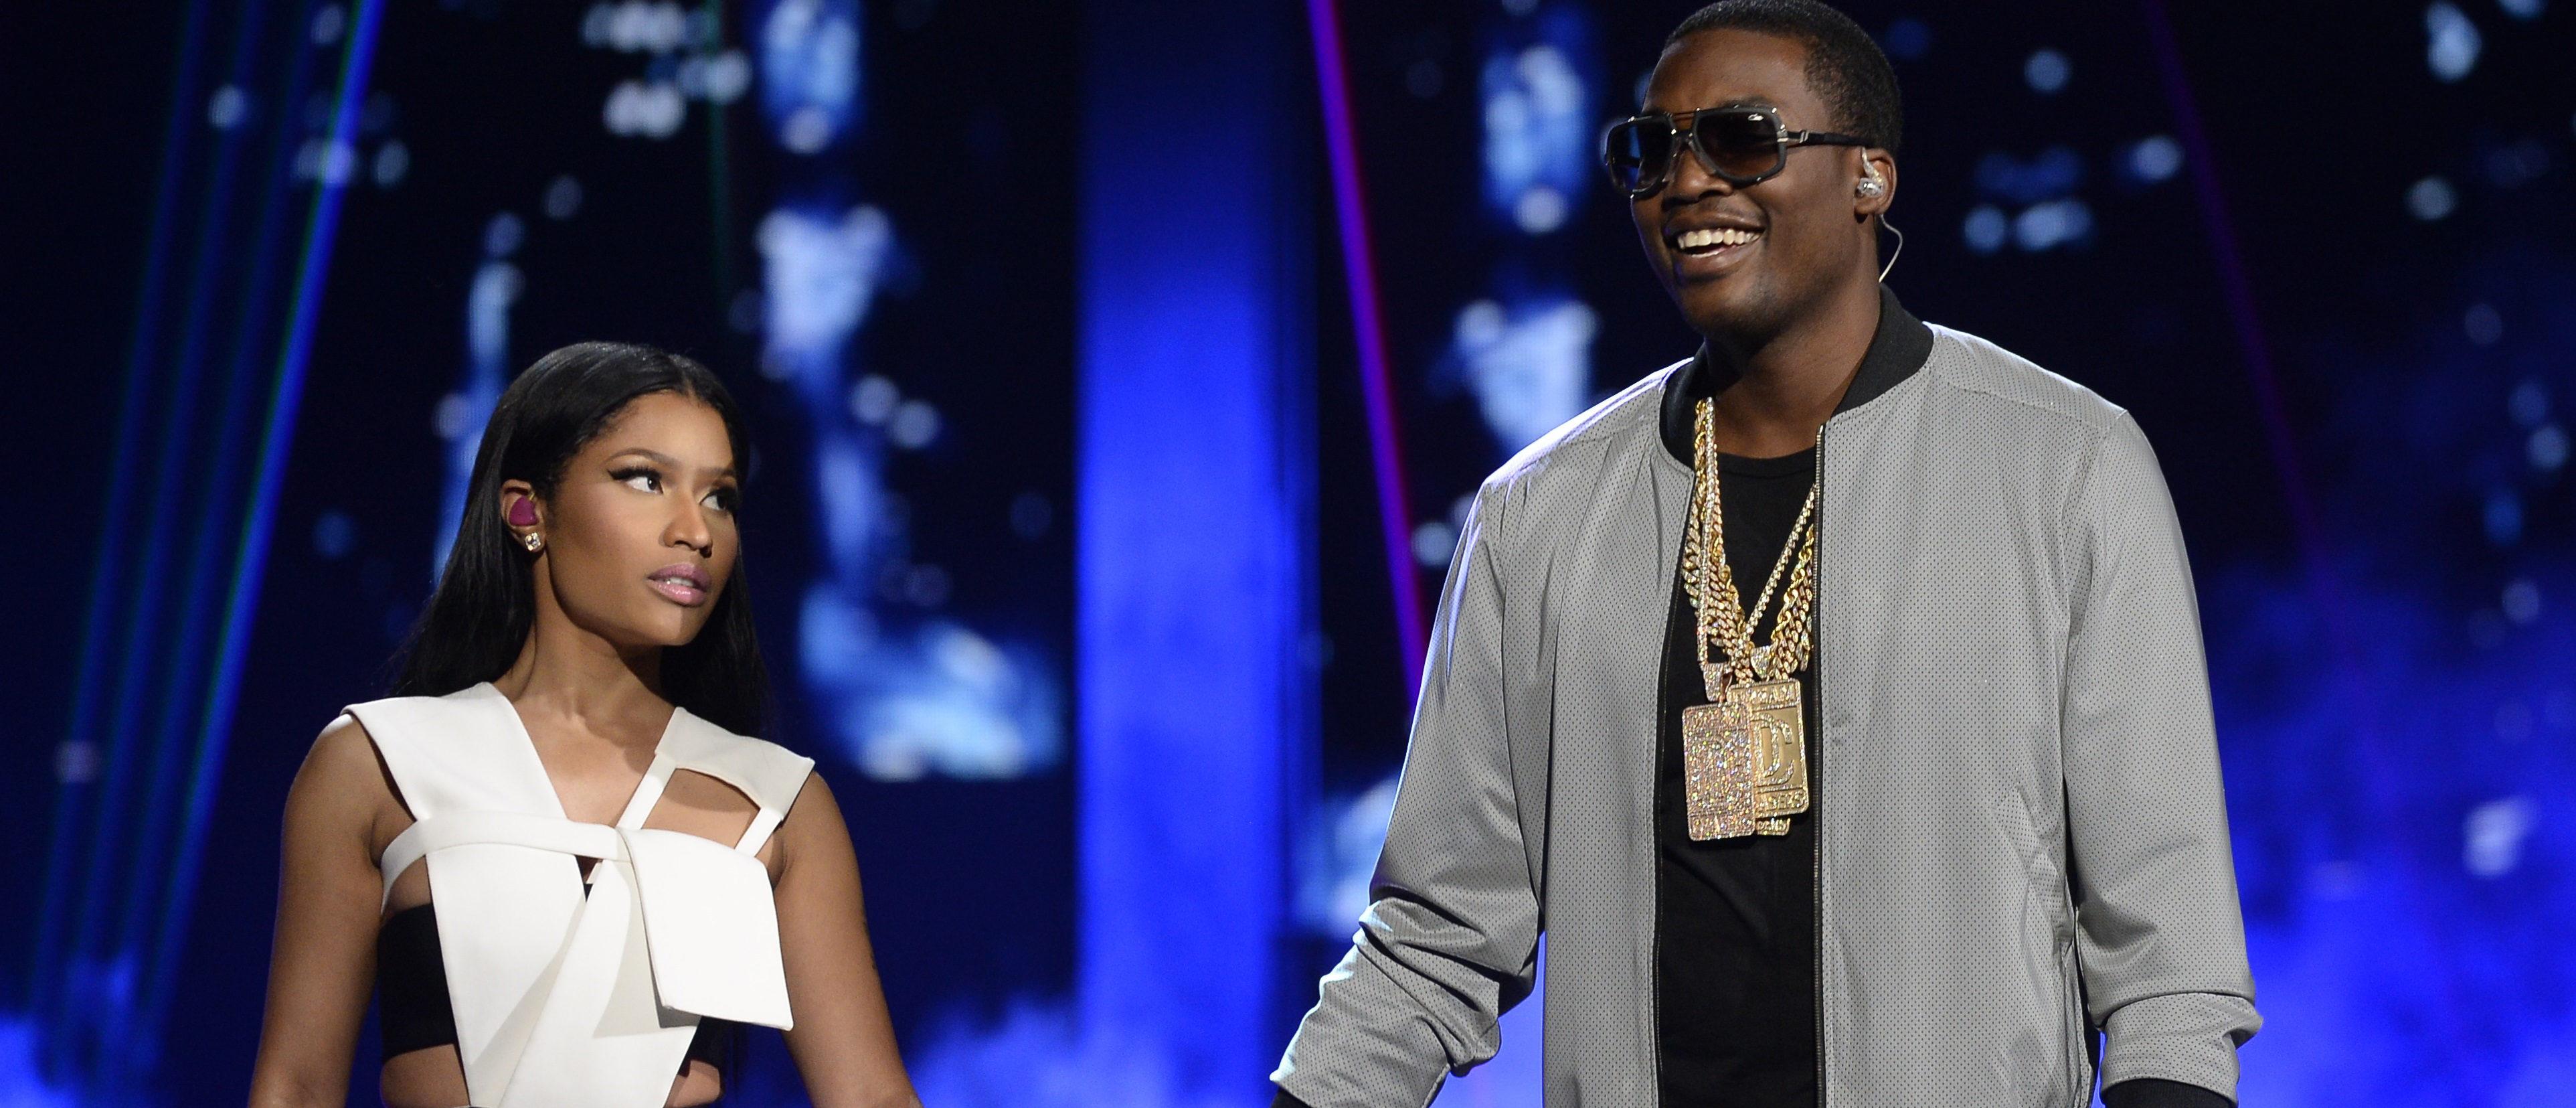 Nicki Minaj and Meek Mill perform during the 2015 BET Awards in Los Angeles, California, June 28, 2015. REUTERS/Kevork Djansezian -